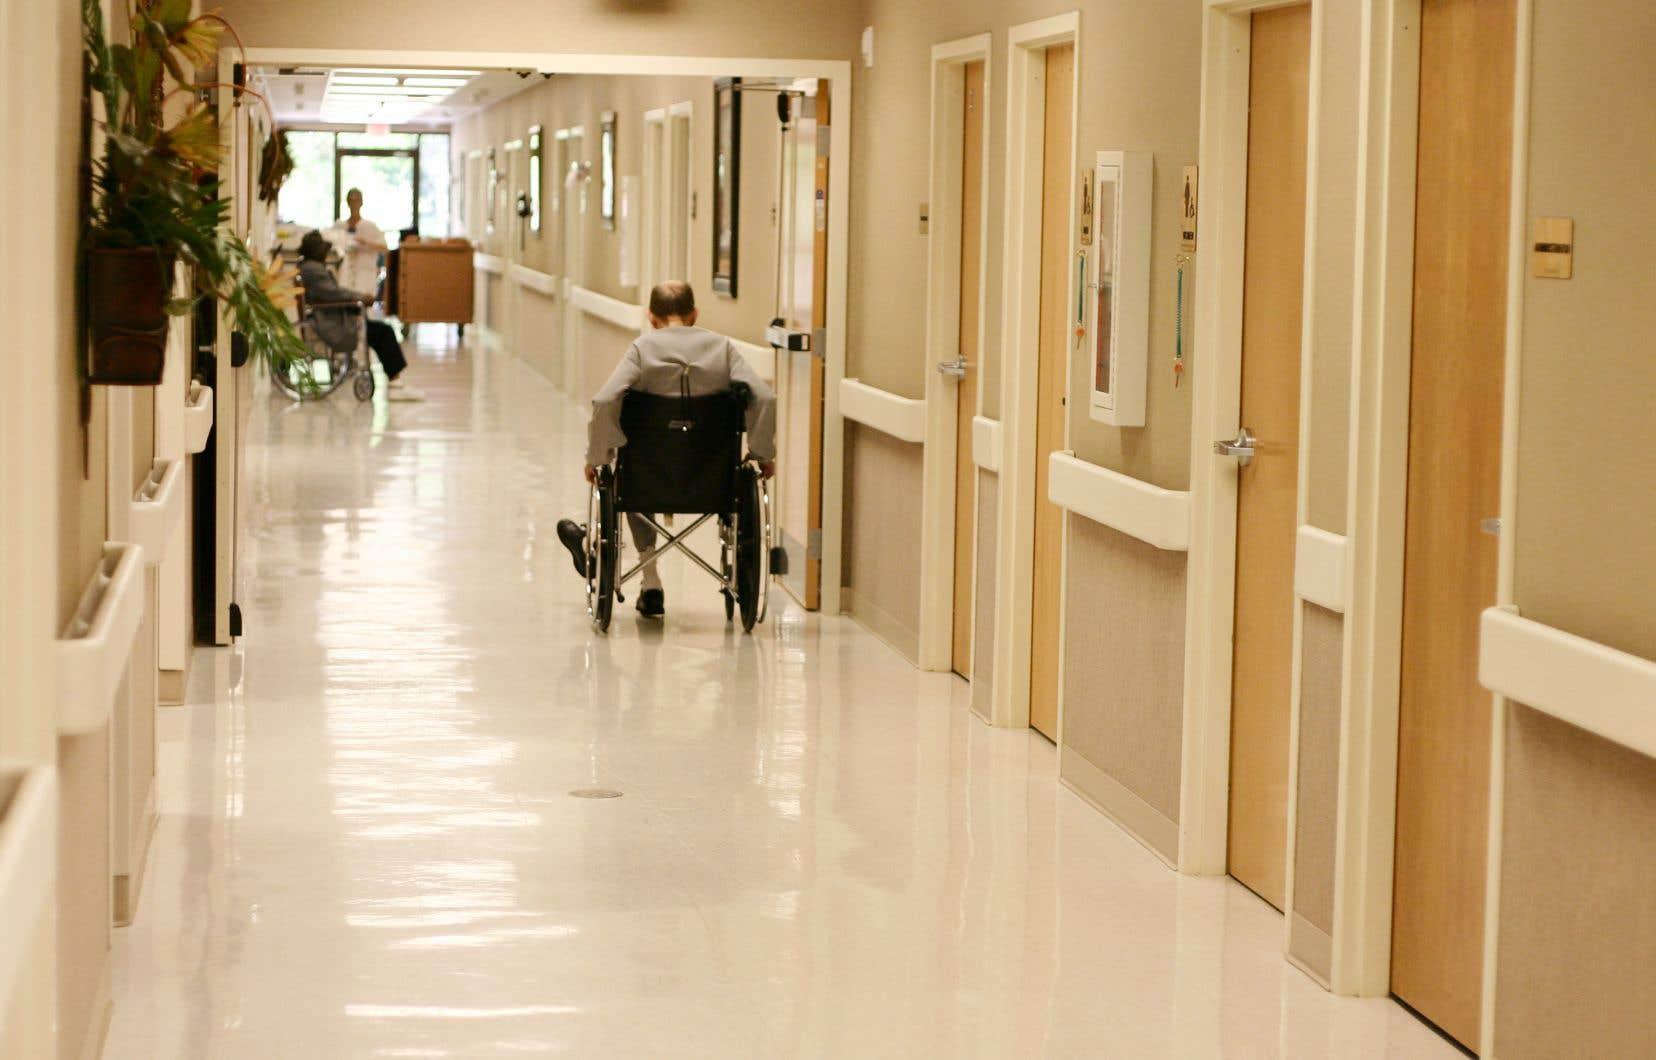 Des maisons de soins palliatifs ont maintenu les visites auprès de tous leurs patients en fin de vie «pour des raisons humanitaires», tandis que d'autres ont interdit à leurs patients de recevoir des proches à l'intérieur de leur chambre sauf dans les 24 à 48heures précédant leur décès.